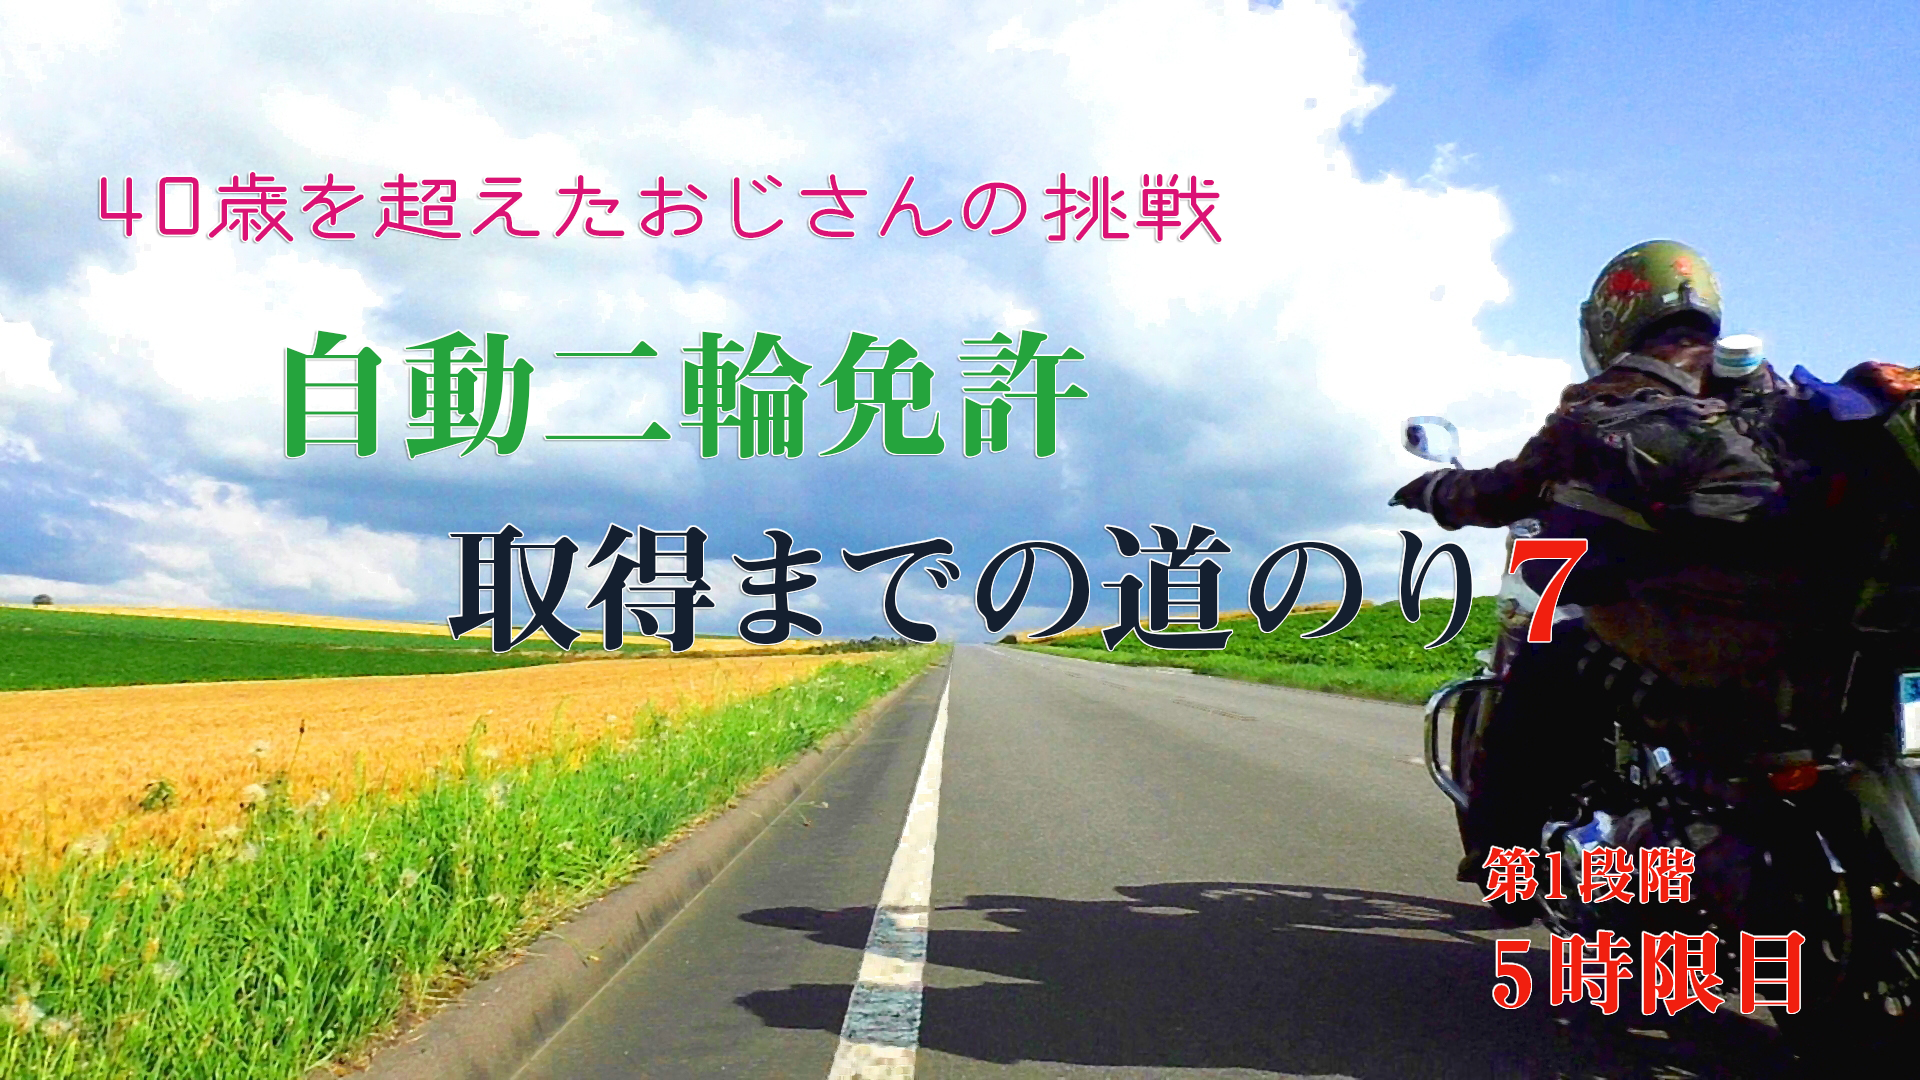 一 本橋 バイク